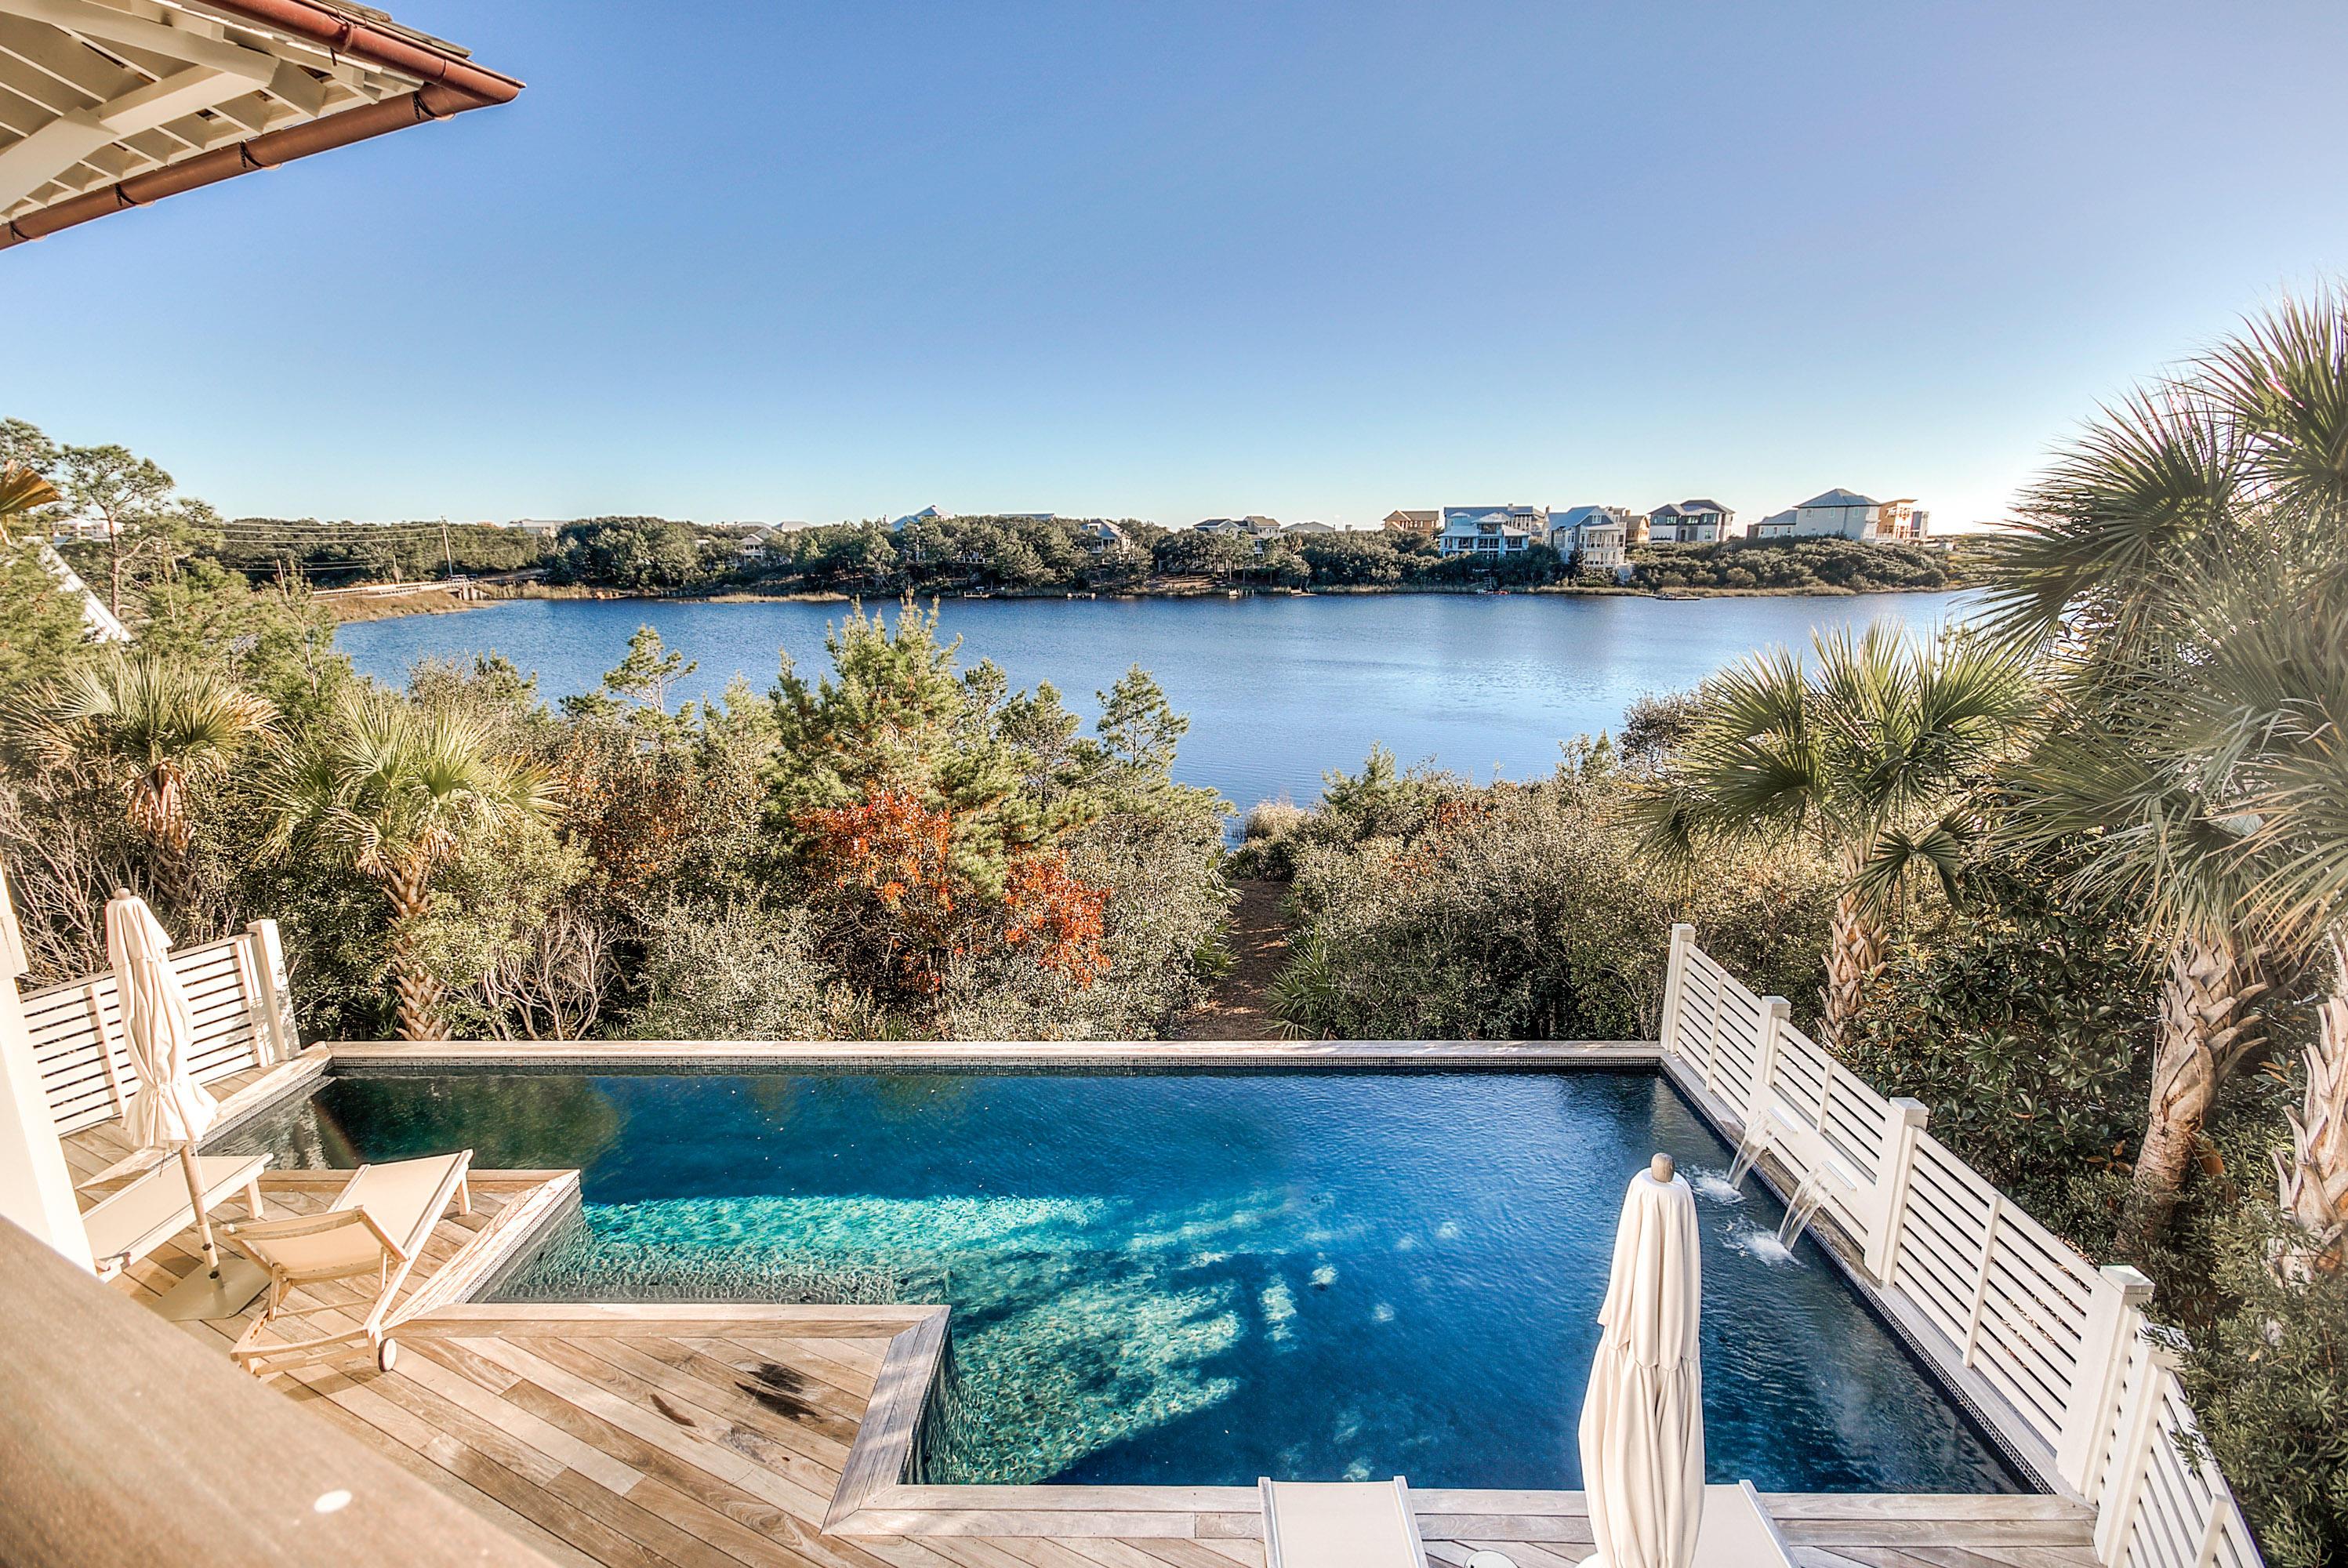 14 BRIDGEWAY LANE, WATERSOUND, FL 32461